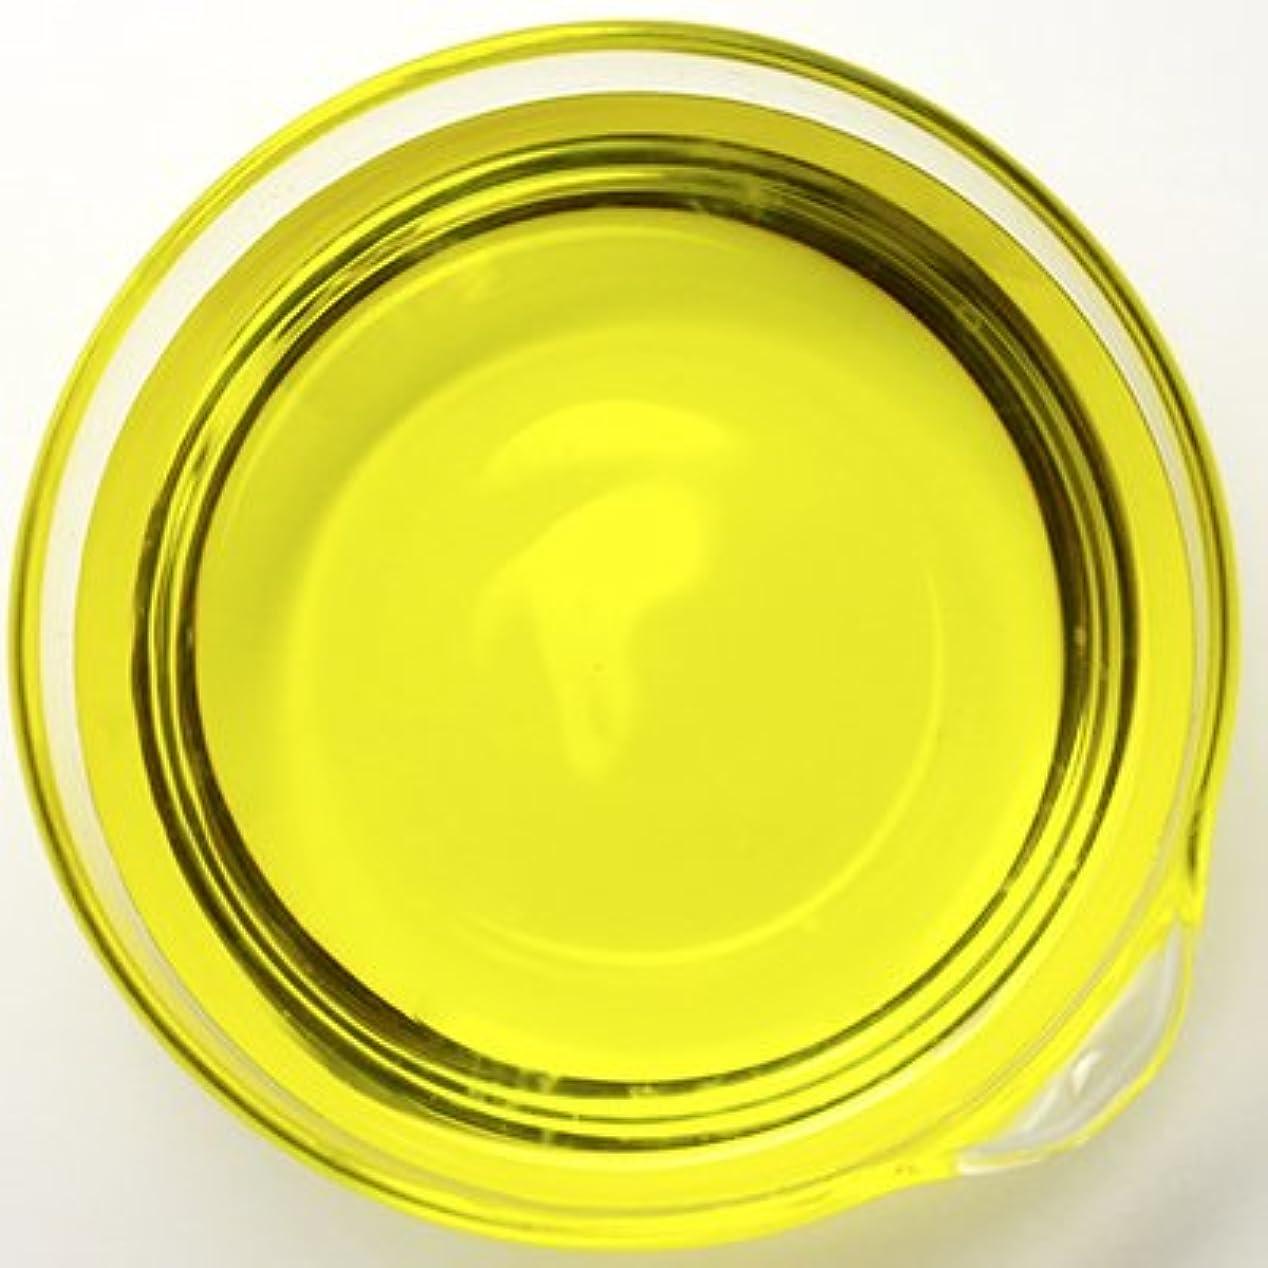 気づくなる韓国本当にオーガニック ボリジオイル [ボラージオイル] 500ml 【ルリヂシャ油/手作りコスメ/美容オイル/キャリアオイル/マッサージオイル】